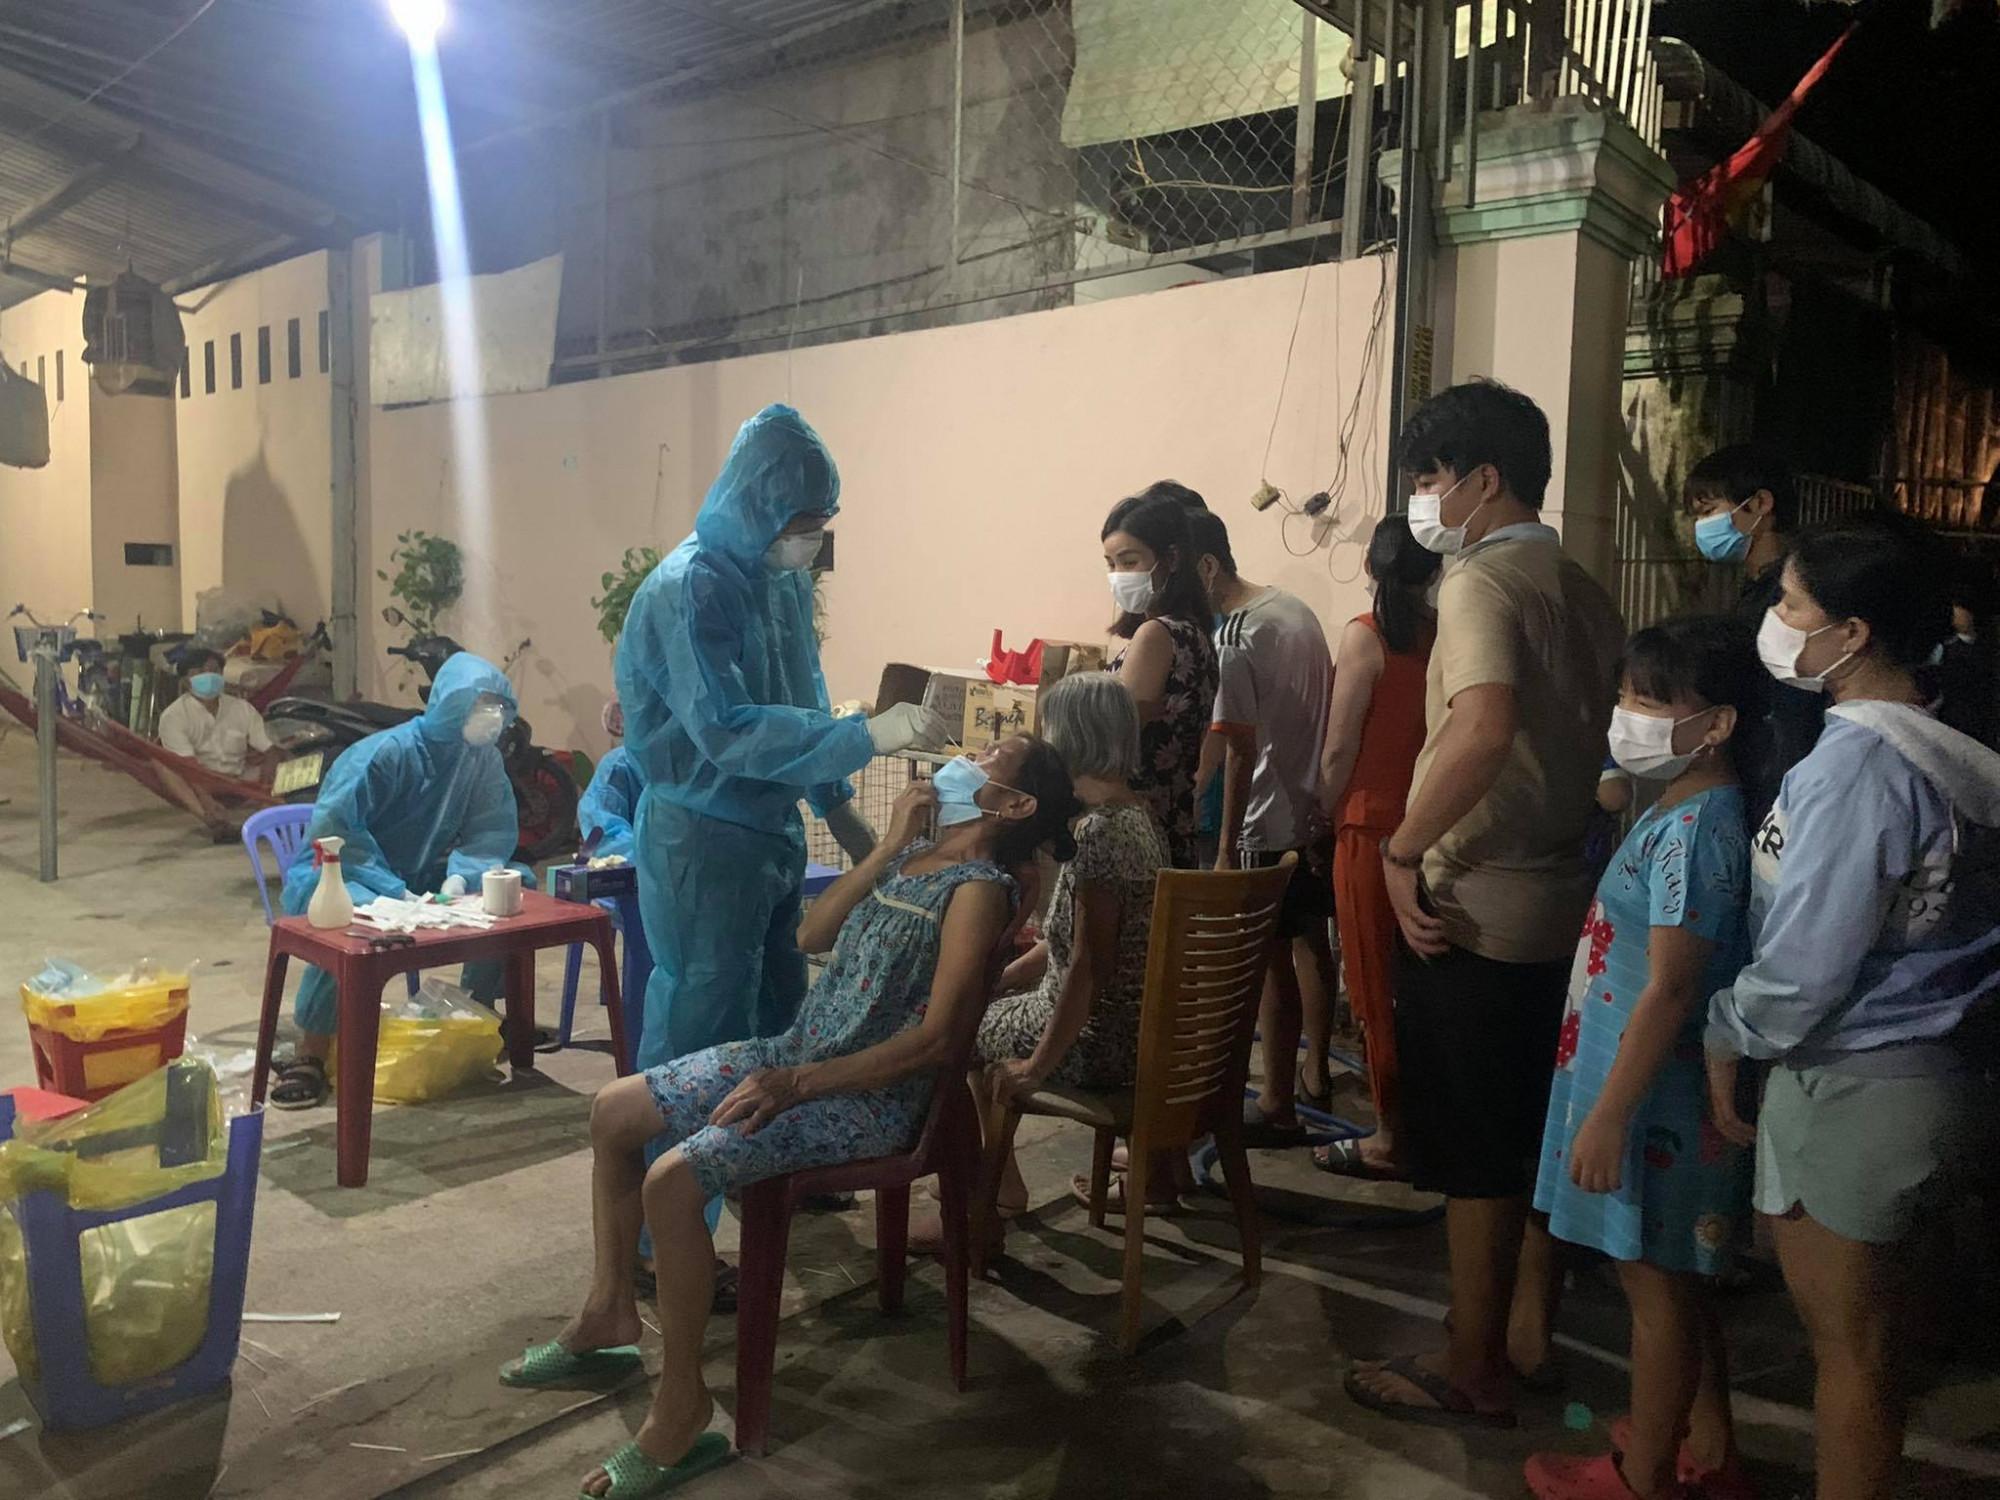 Người dân xếp hàng lấy mẫu xét nghiệm trong đêm tại phường Bình Chuẩn, TP.Thuận An